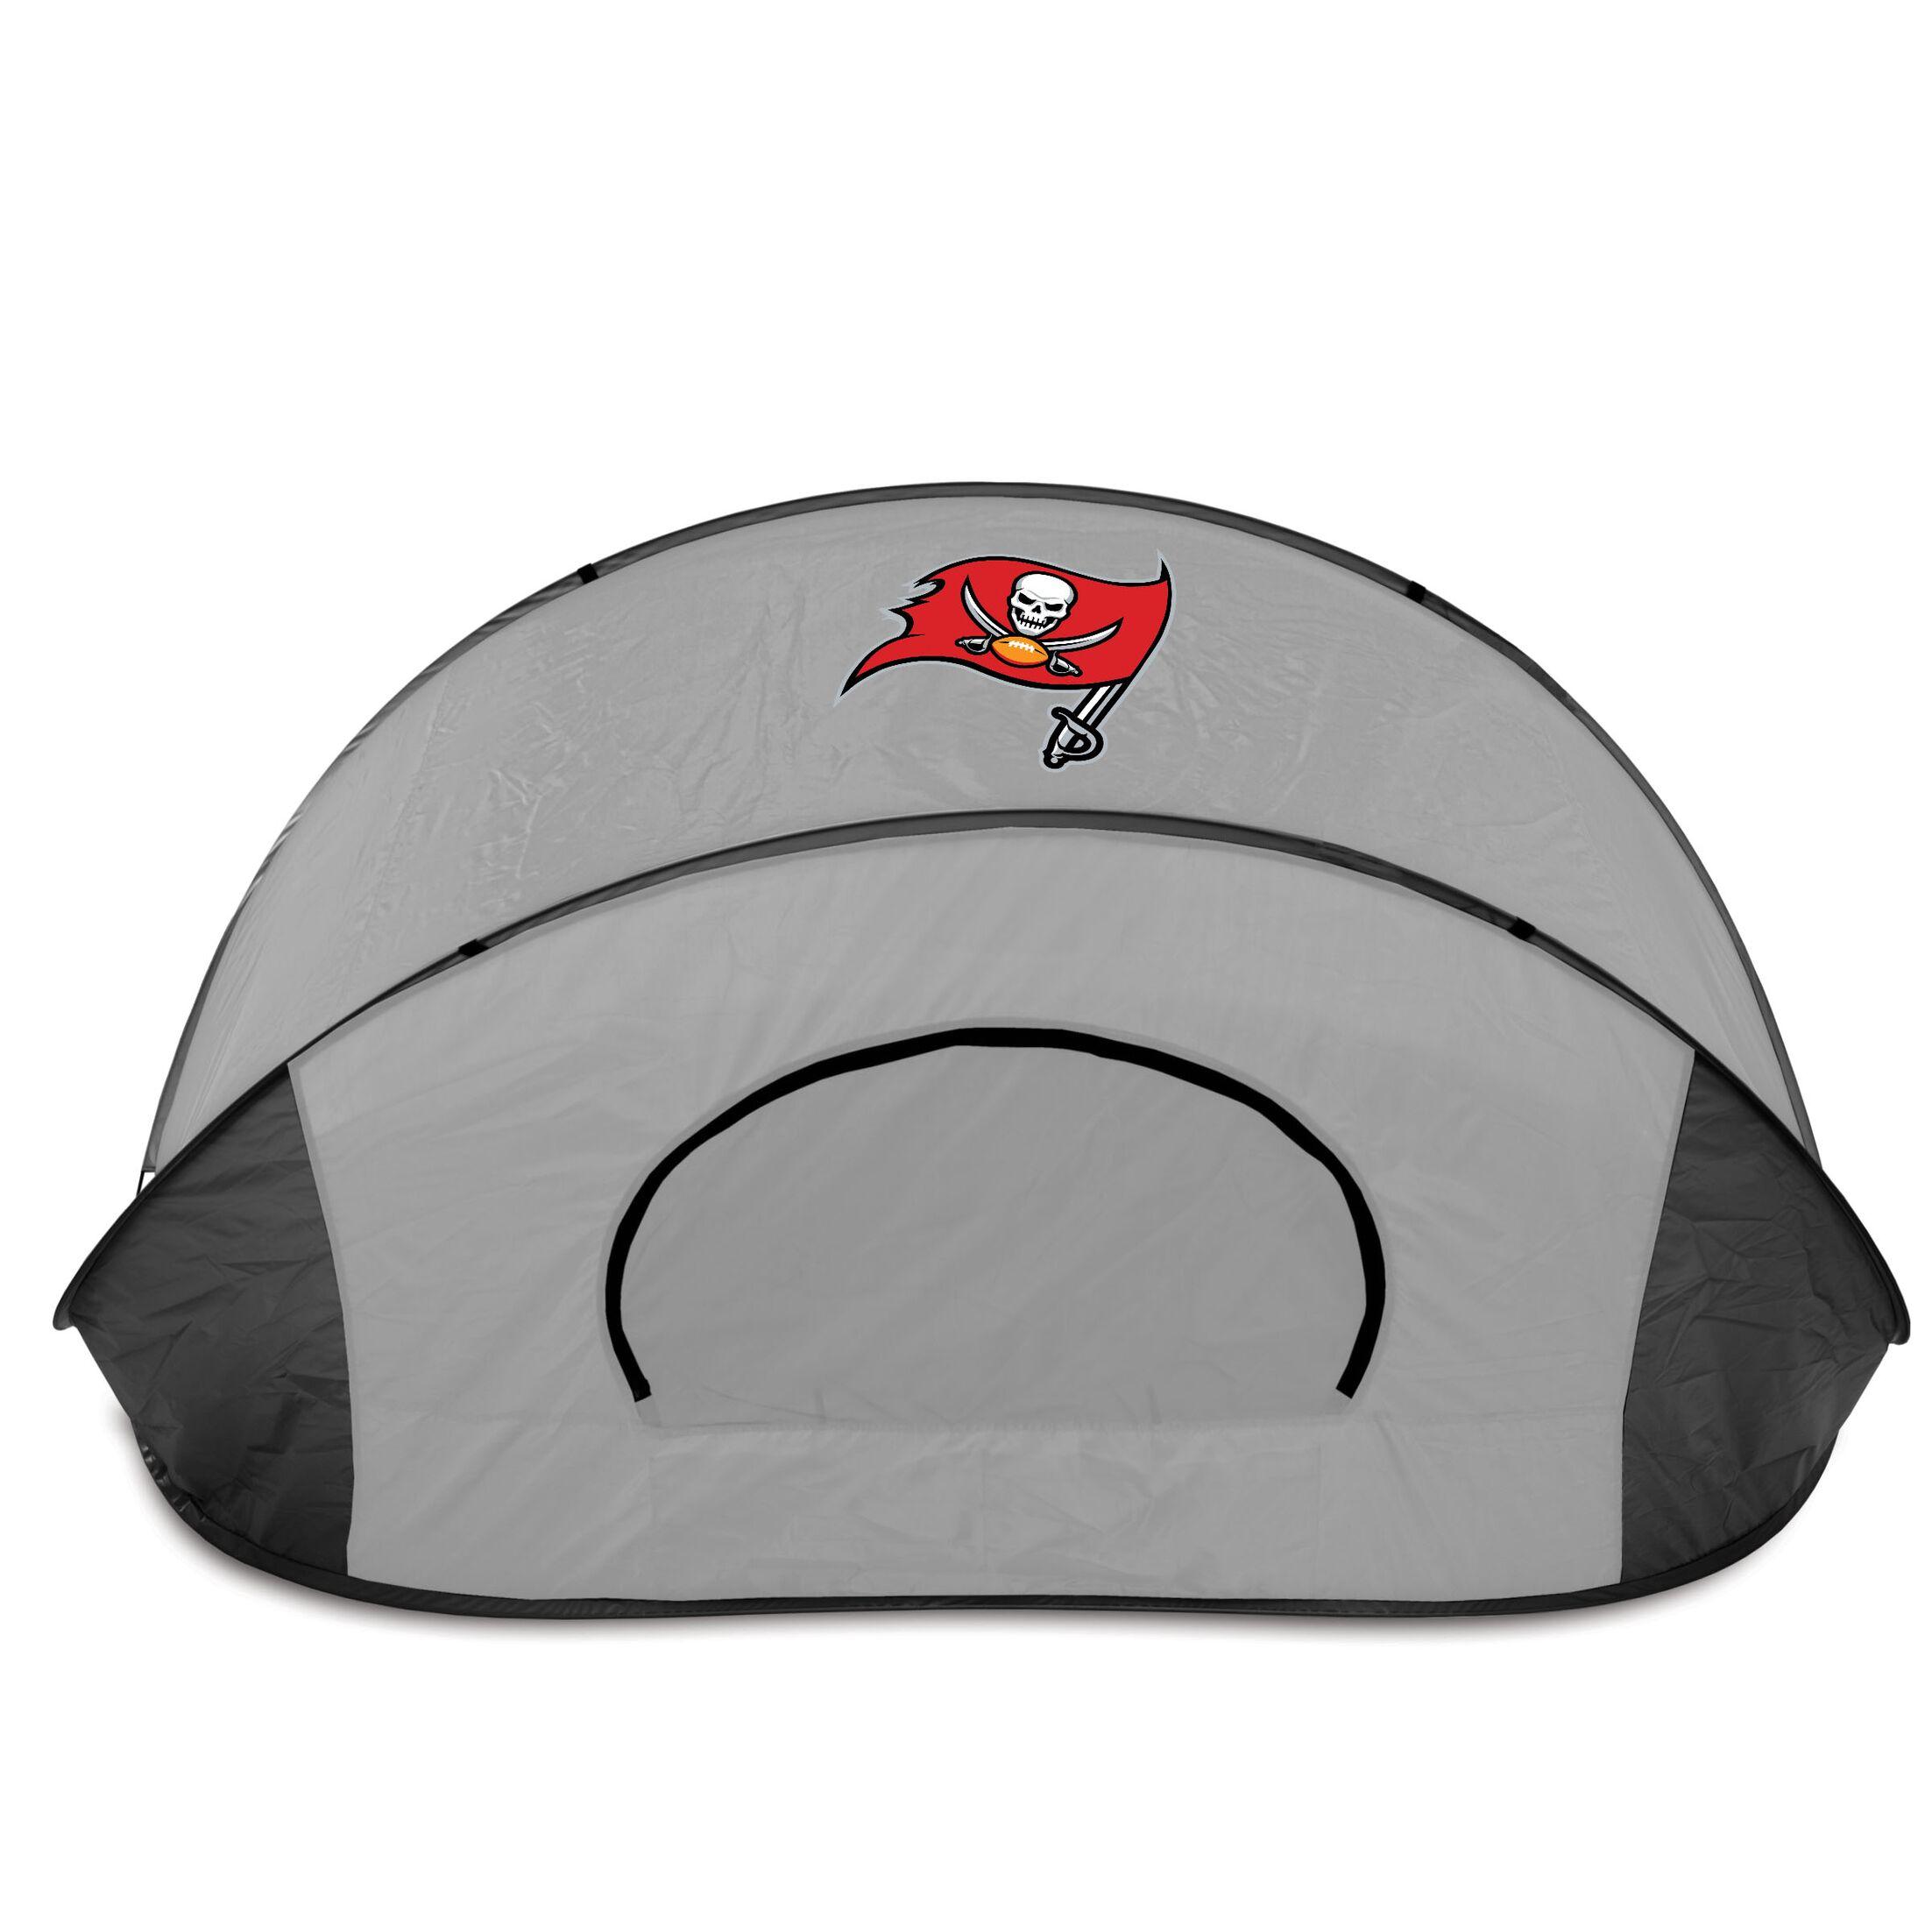 NFL Manta Shelter Color: Black / Grey, NFL Team: Tampa Bay Buccaneers